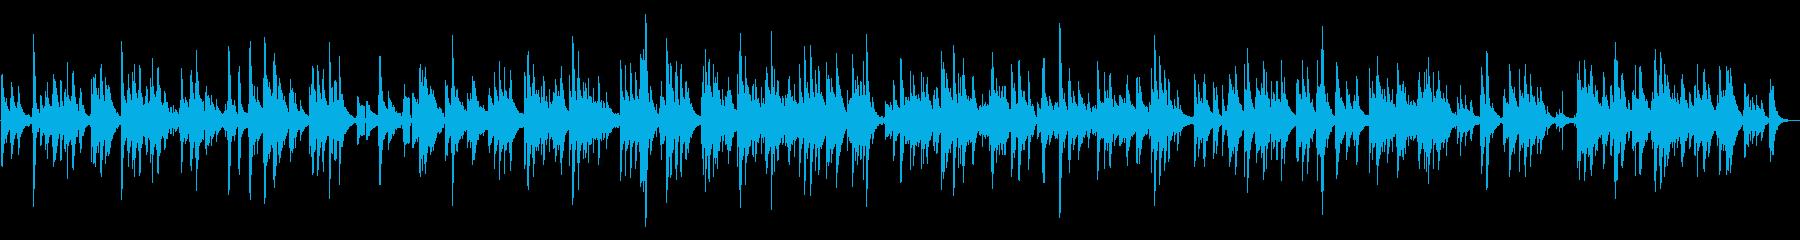 生演奏しっとり懐かしいアコギサウンドの再生済みの波形